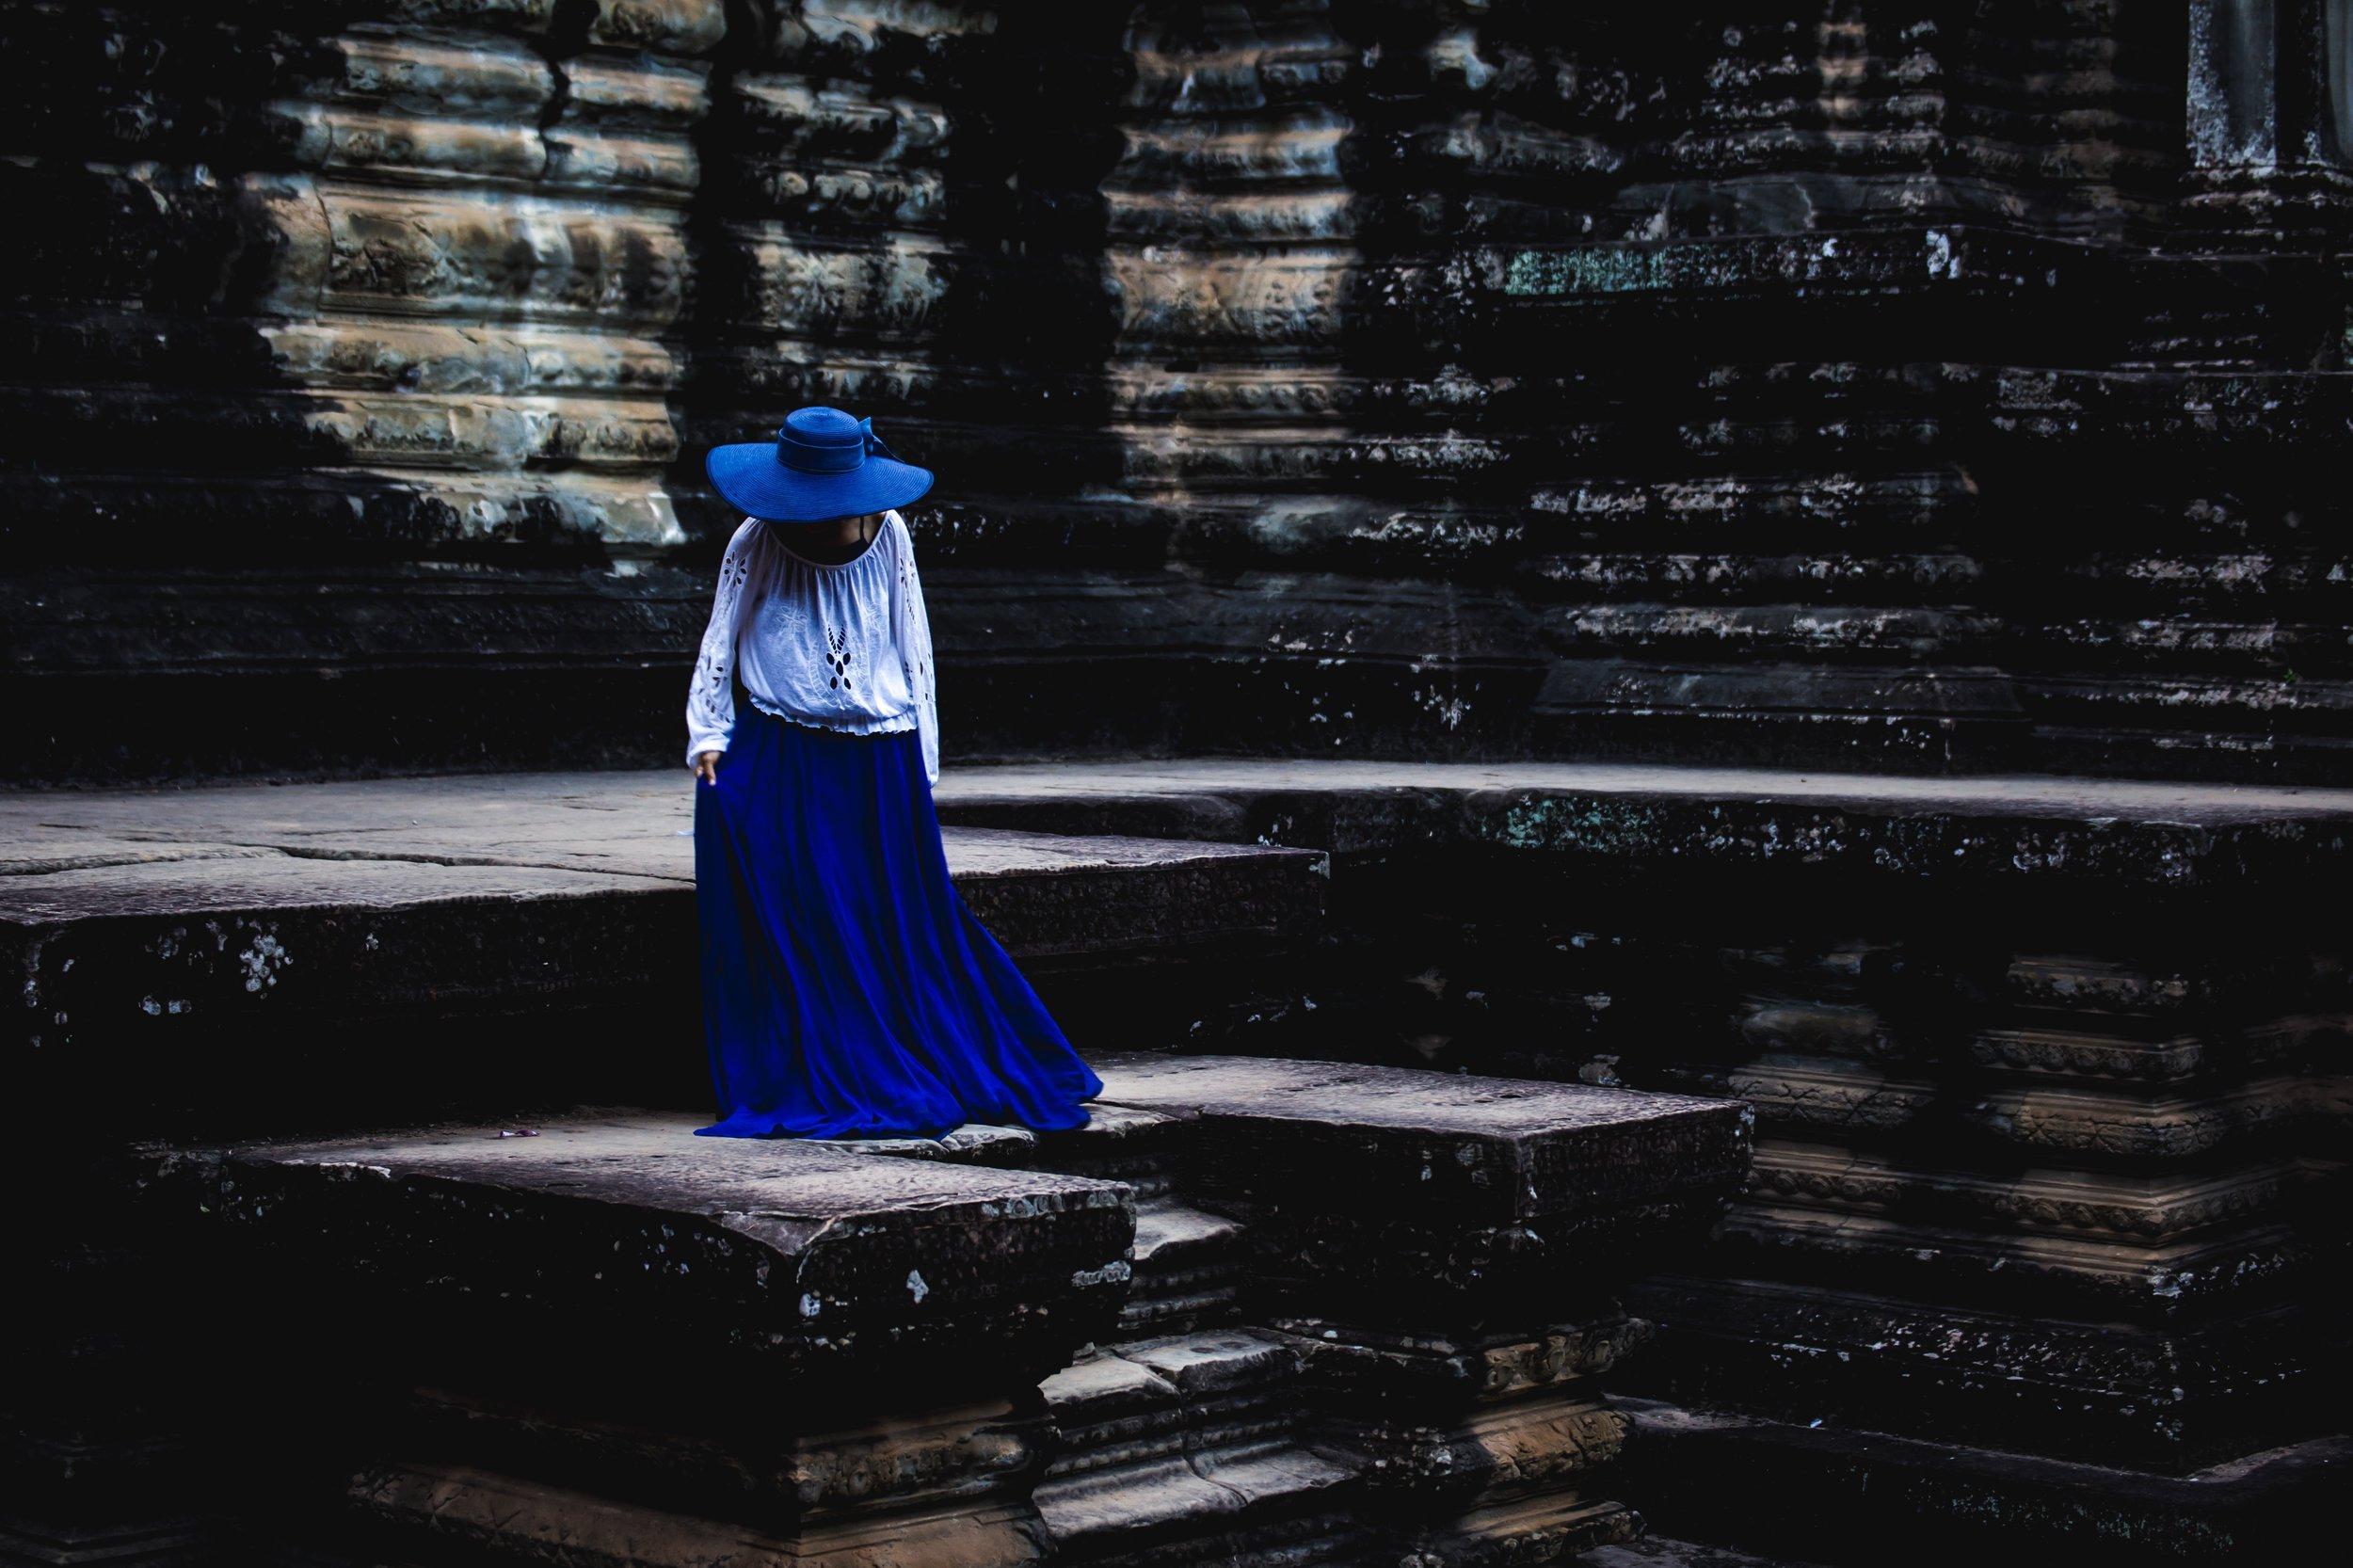 Woman in blue, Angkor Wat - December 2017